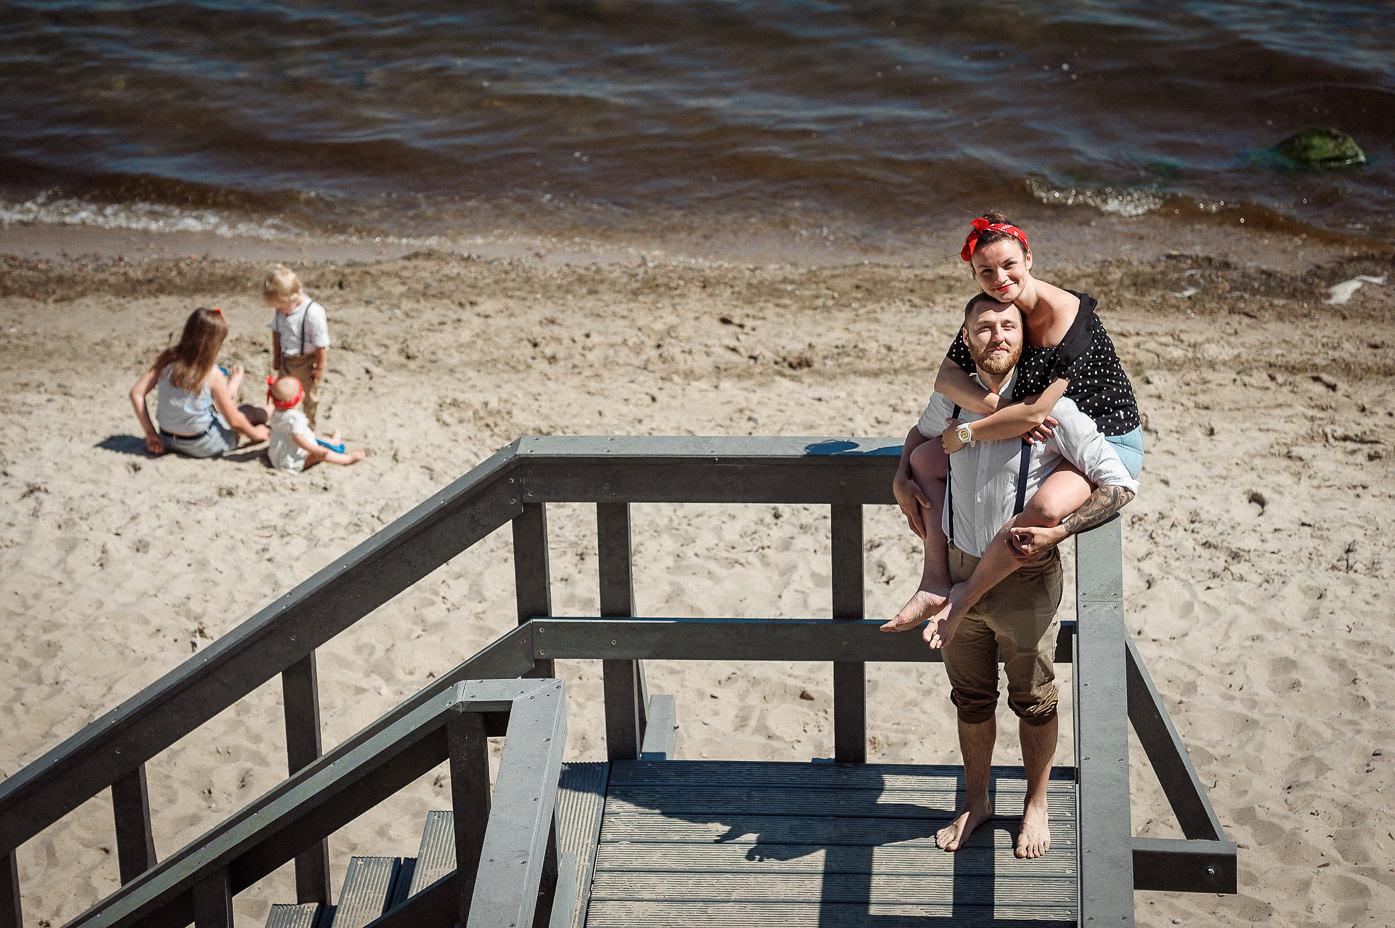 Rafał Kowalski Fotograf Ślubny opinie - rodzinna sesja zdjęciowa na plaży w Mechelinkach